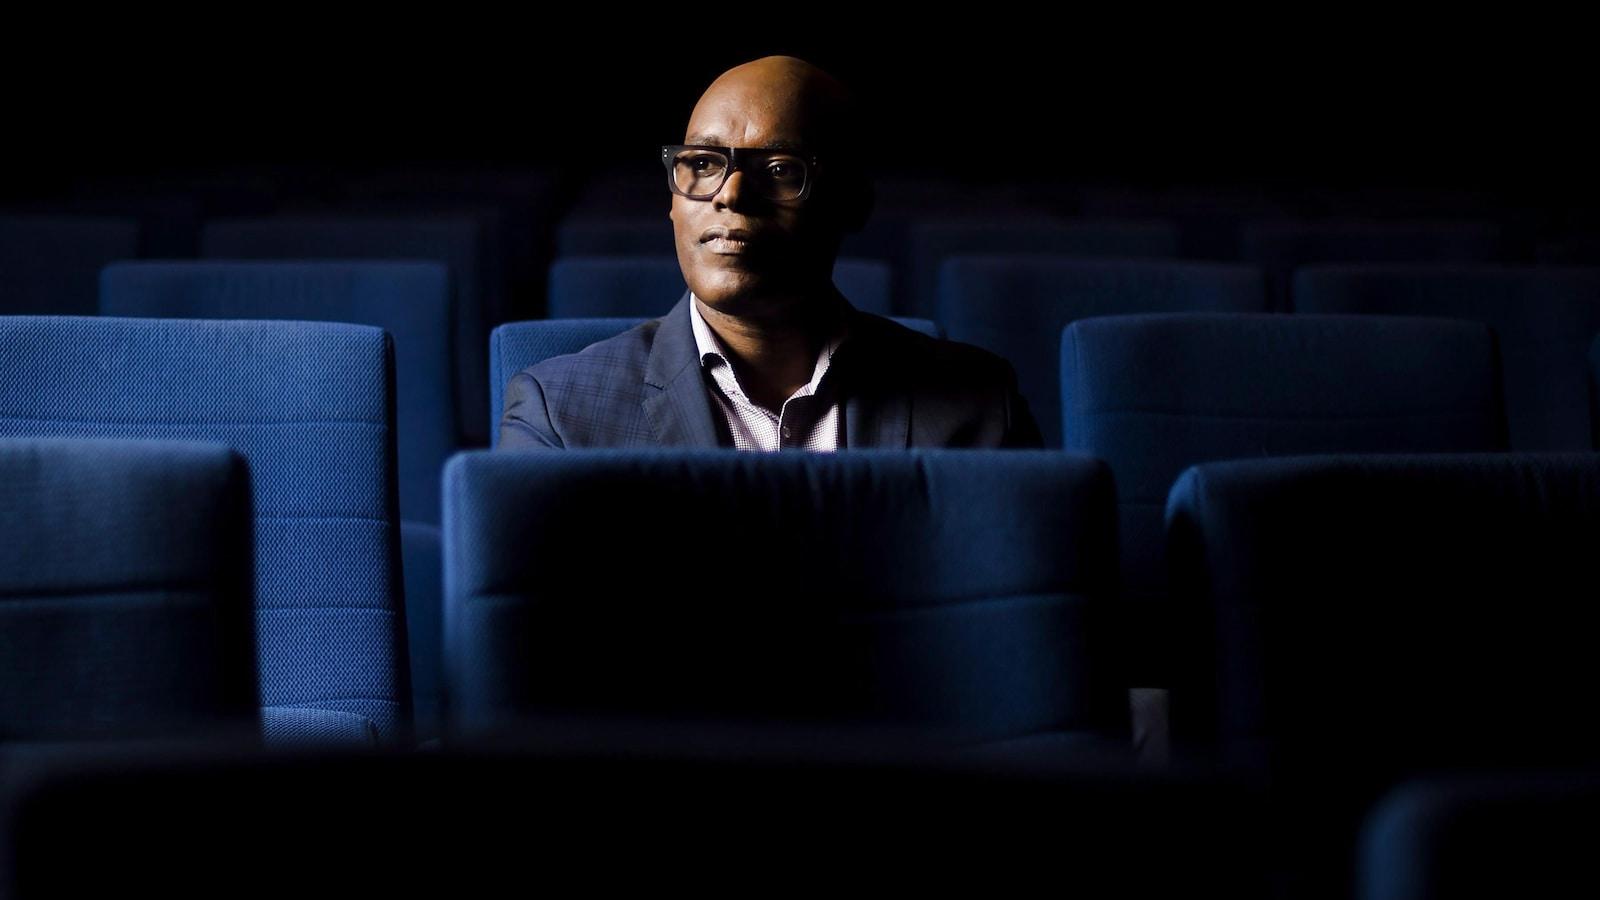 Le directeur artistique du TIFF, Cameron Bailey, dans une salle de cinéma